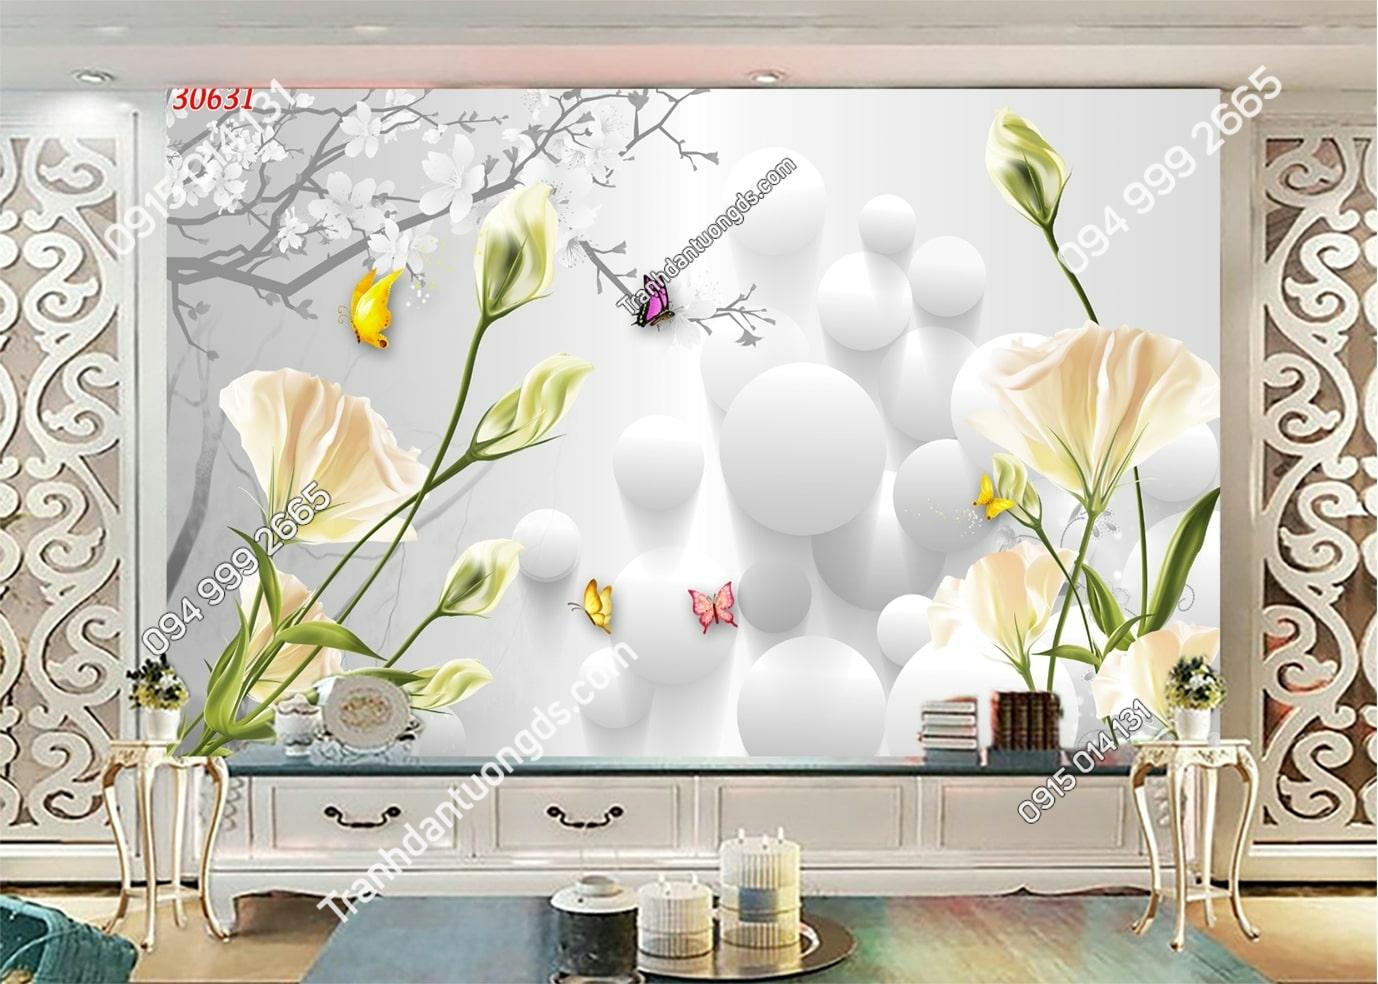 Tranh hoa 3D hiện đại 30631